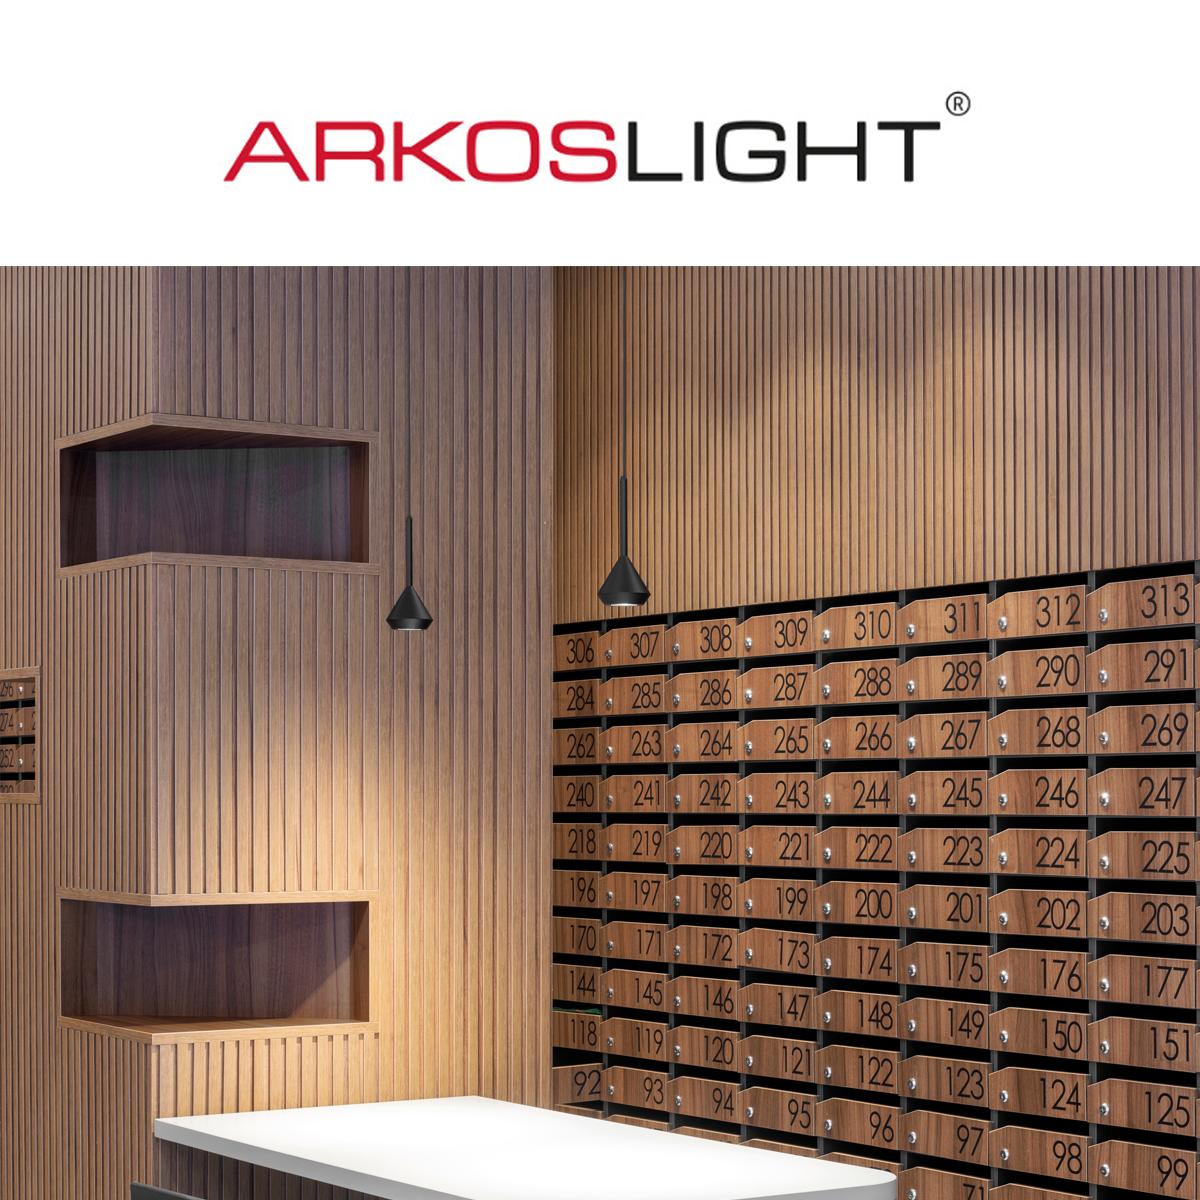 Arkoslight